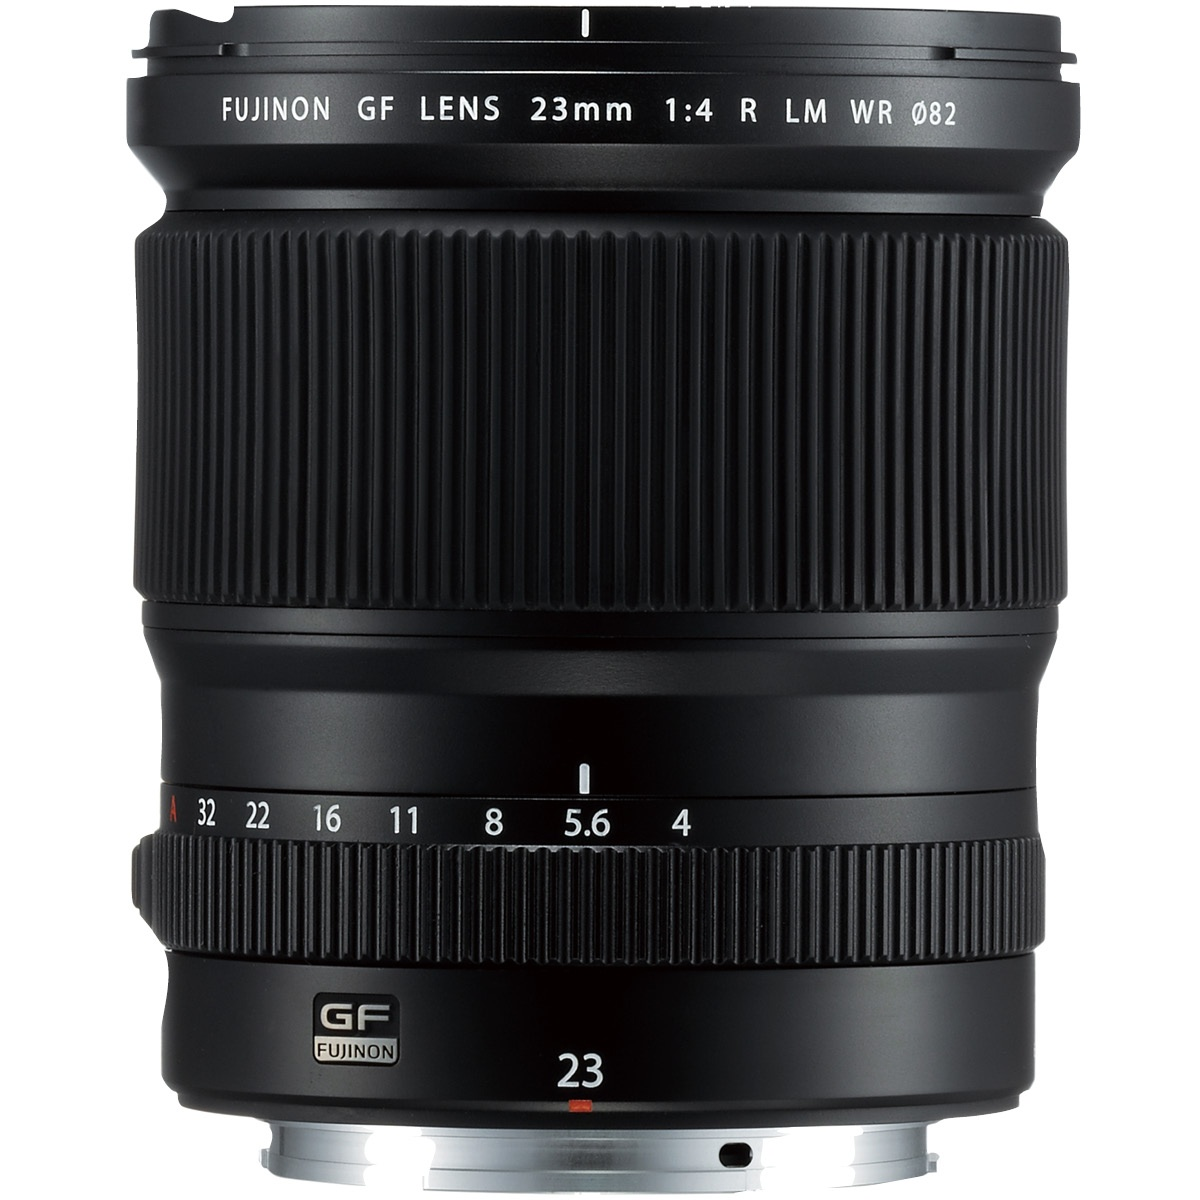 Fujifilm GF 23 mm 1:4,0 R LM WR